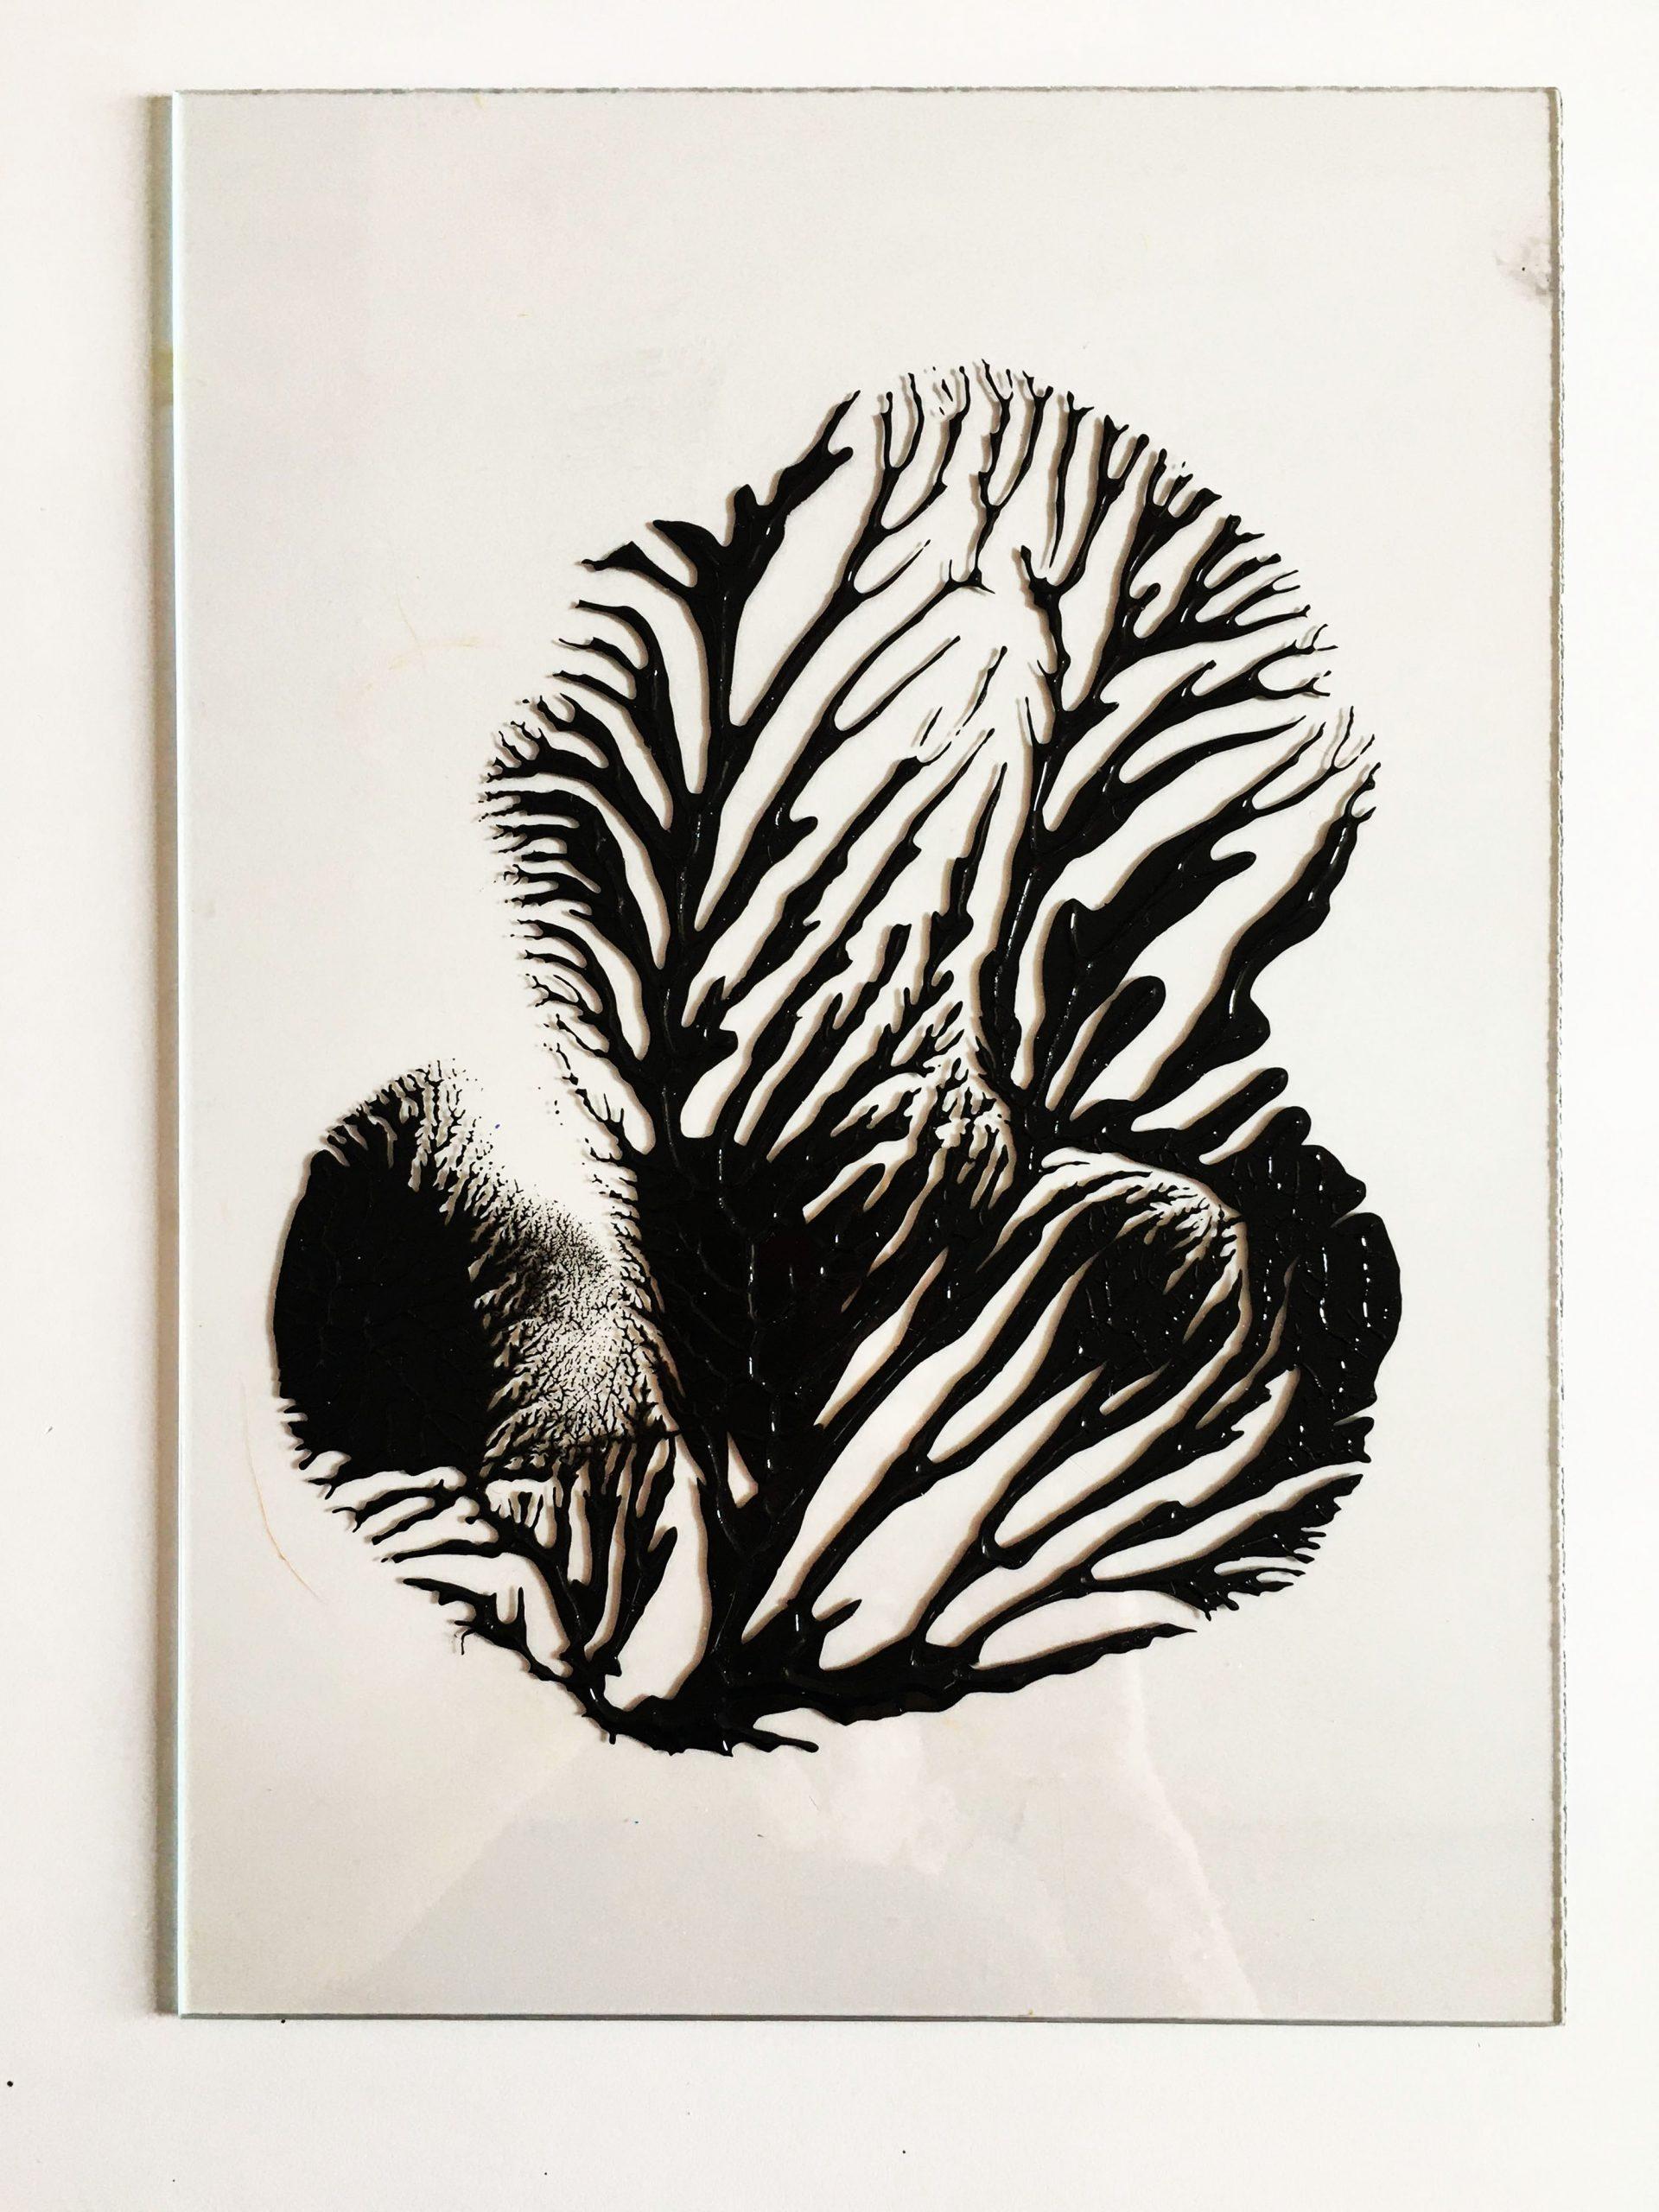 """Abstracts: """"Black,Imprints"""", acrylics on trasparent Plexy,21 x 29,7 cm,2021"""